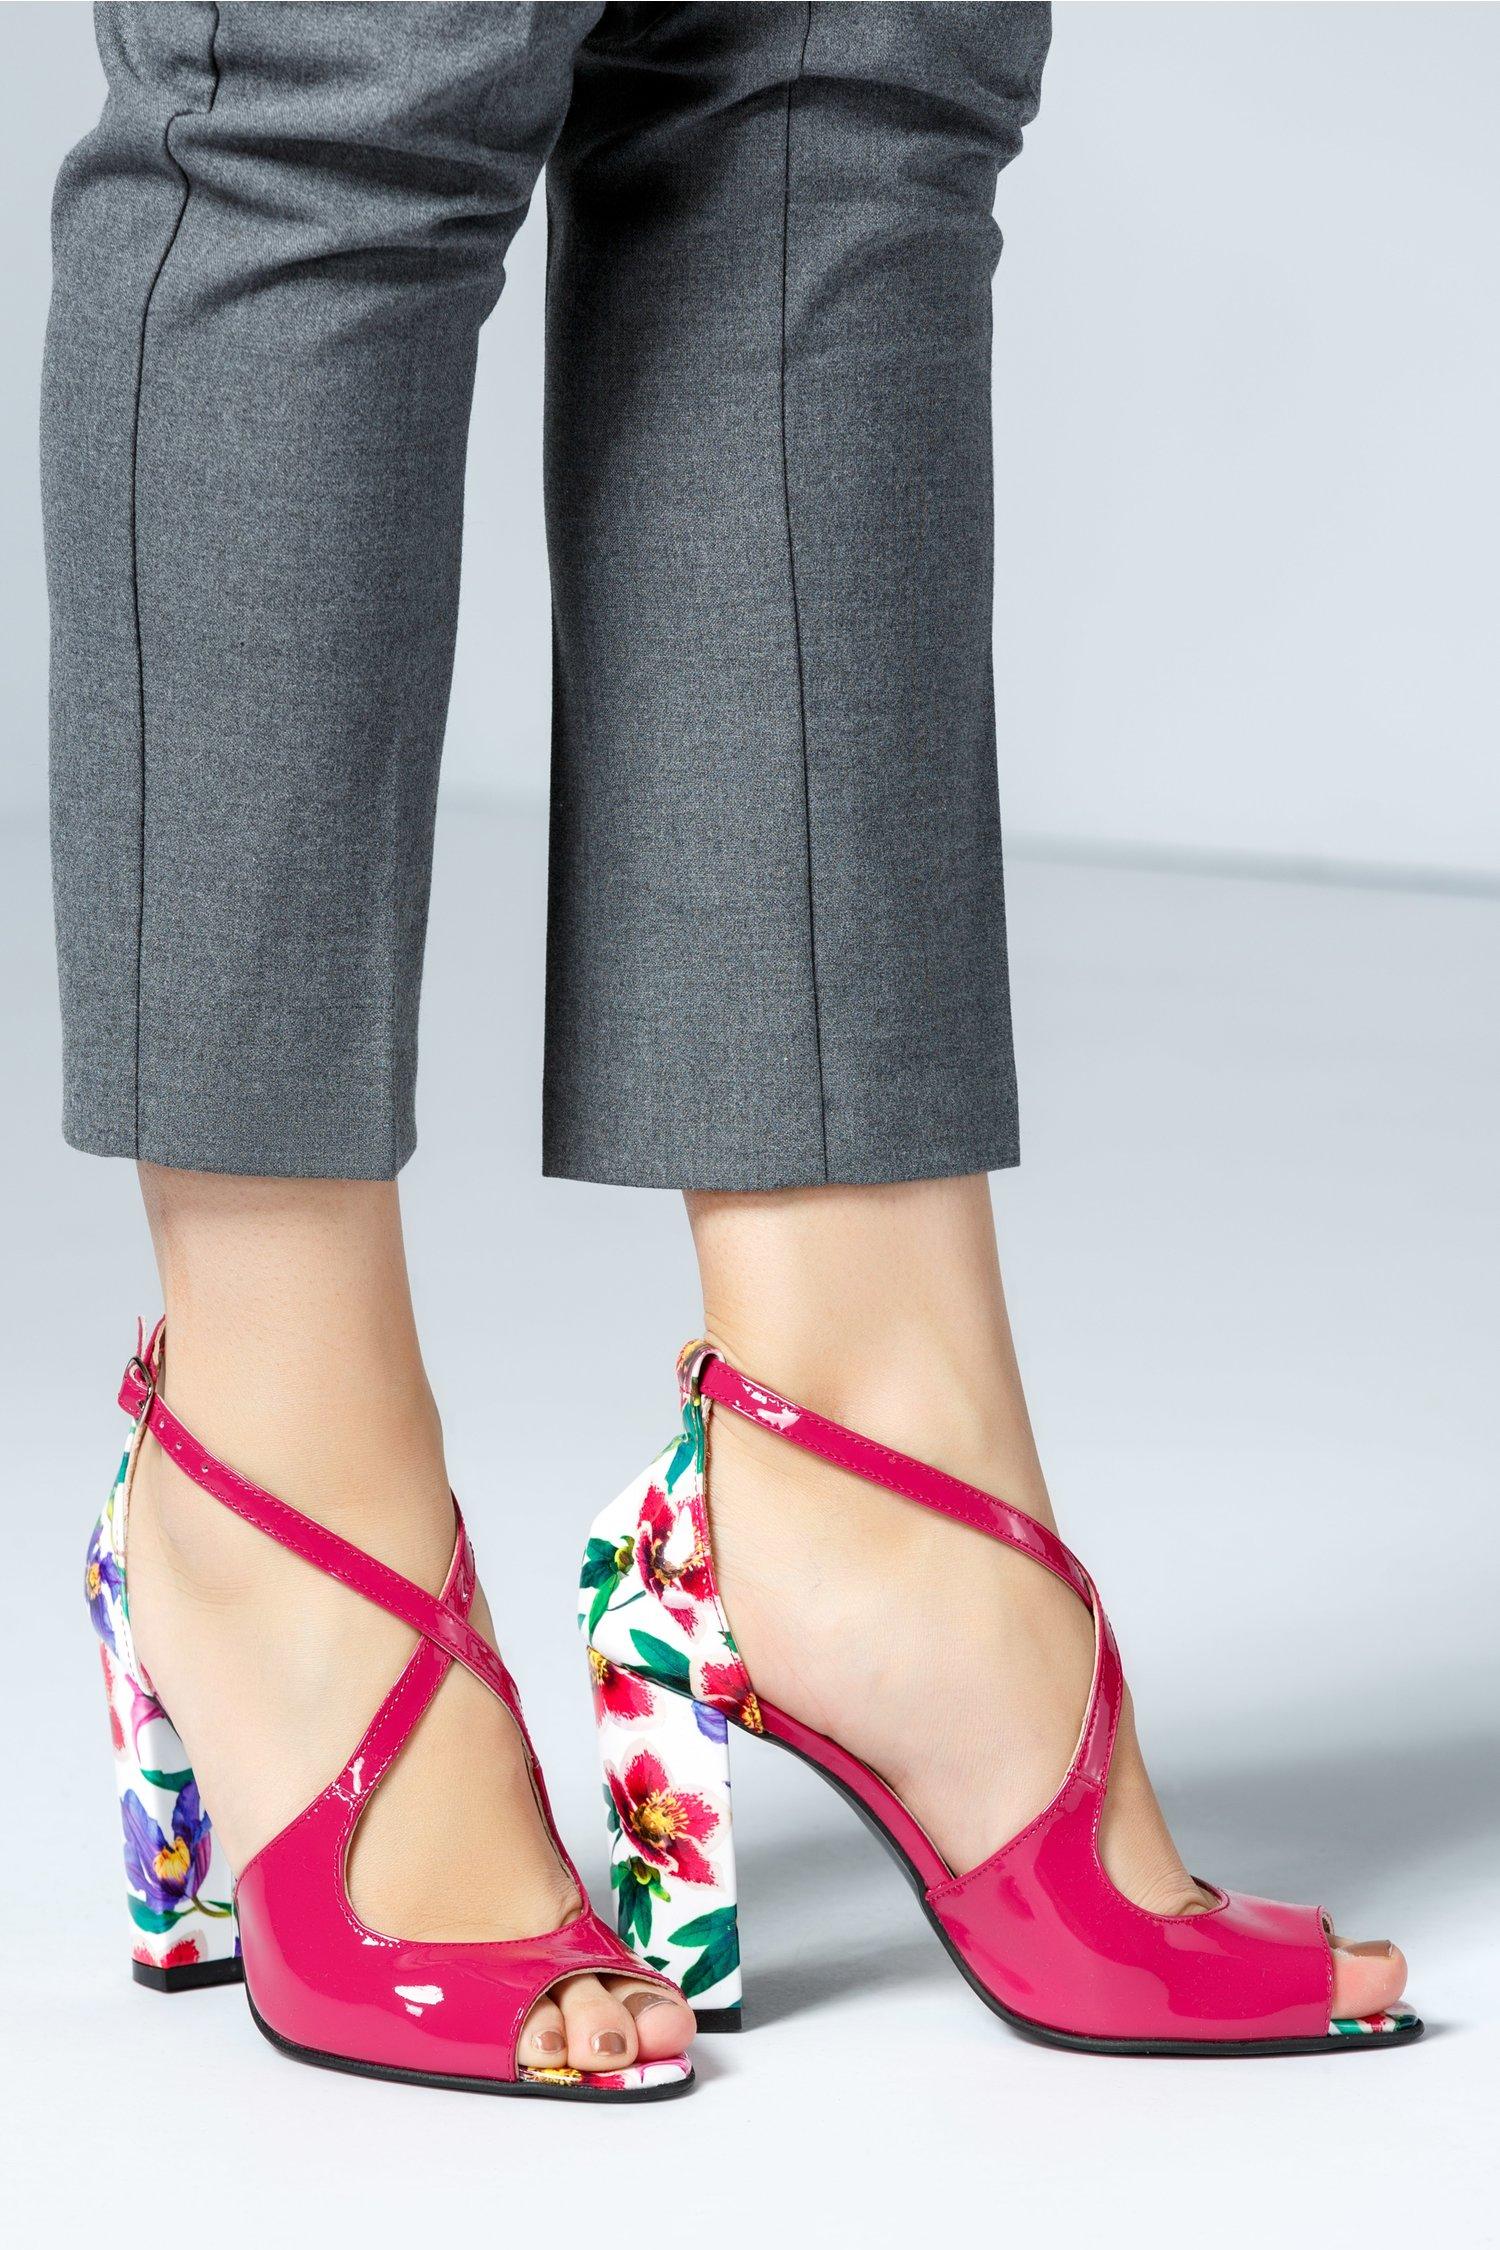 Sandale dama fucsia cu imprimeuri florale